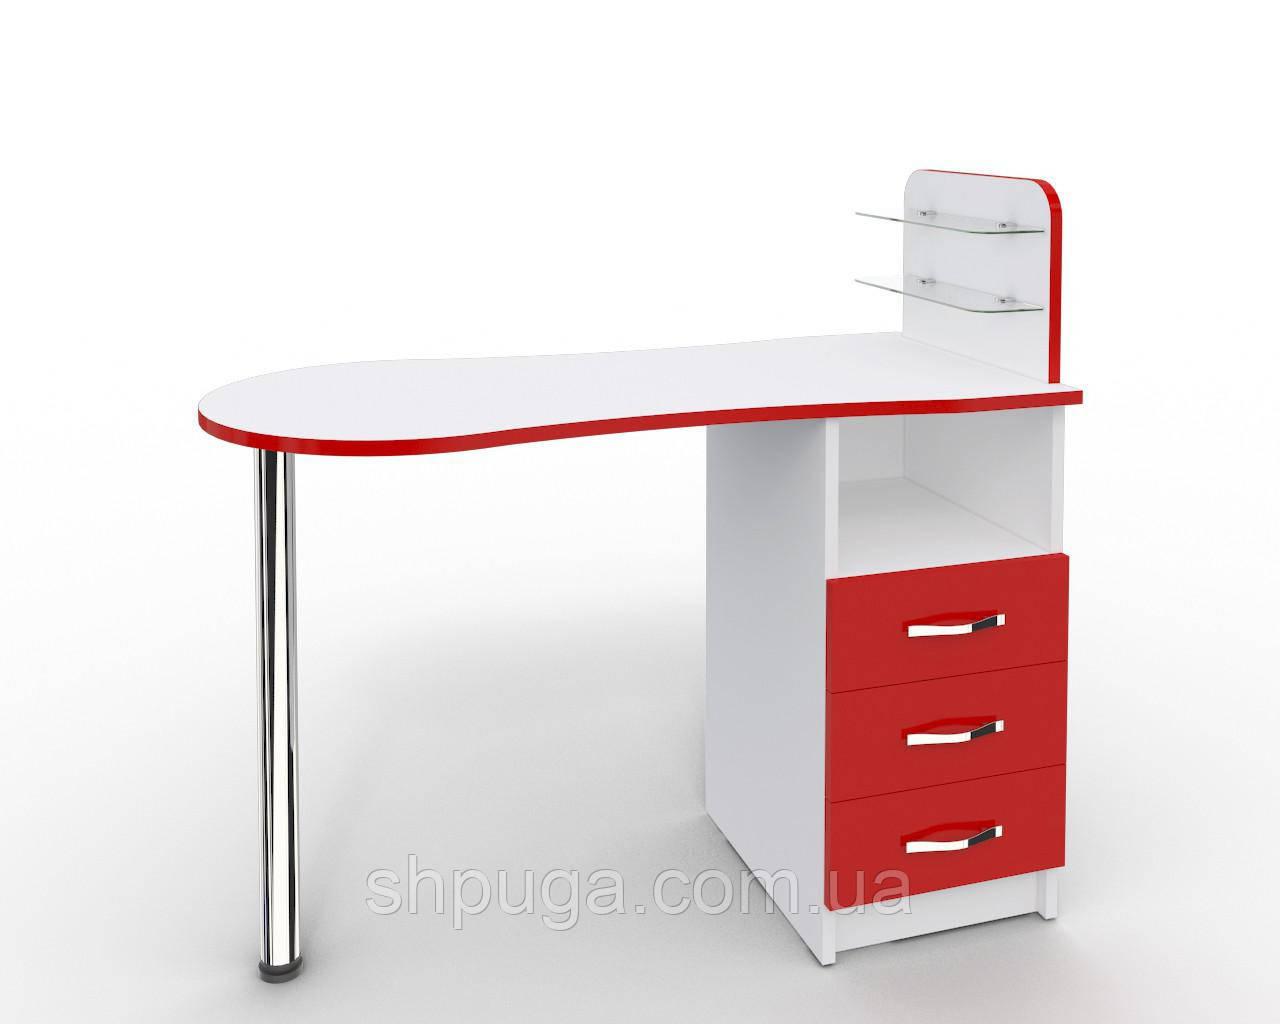 """Маникюрный стол M101 стеклянными полочками под лак """"Эстет №1"""" белый с красными фасадами"""